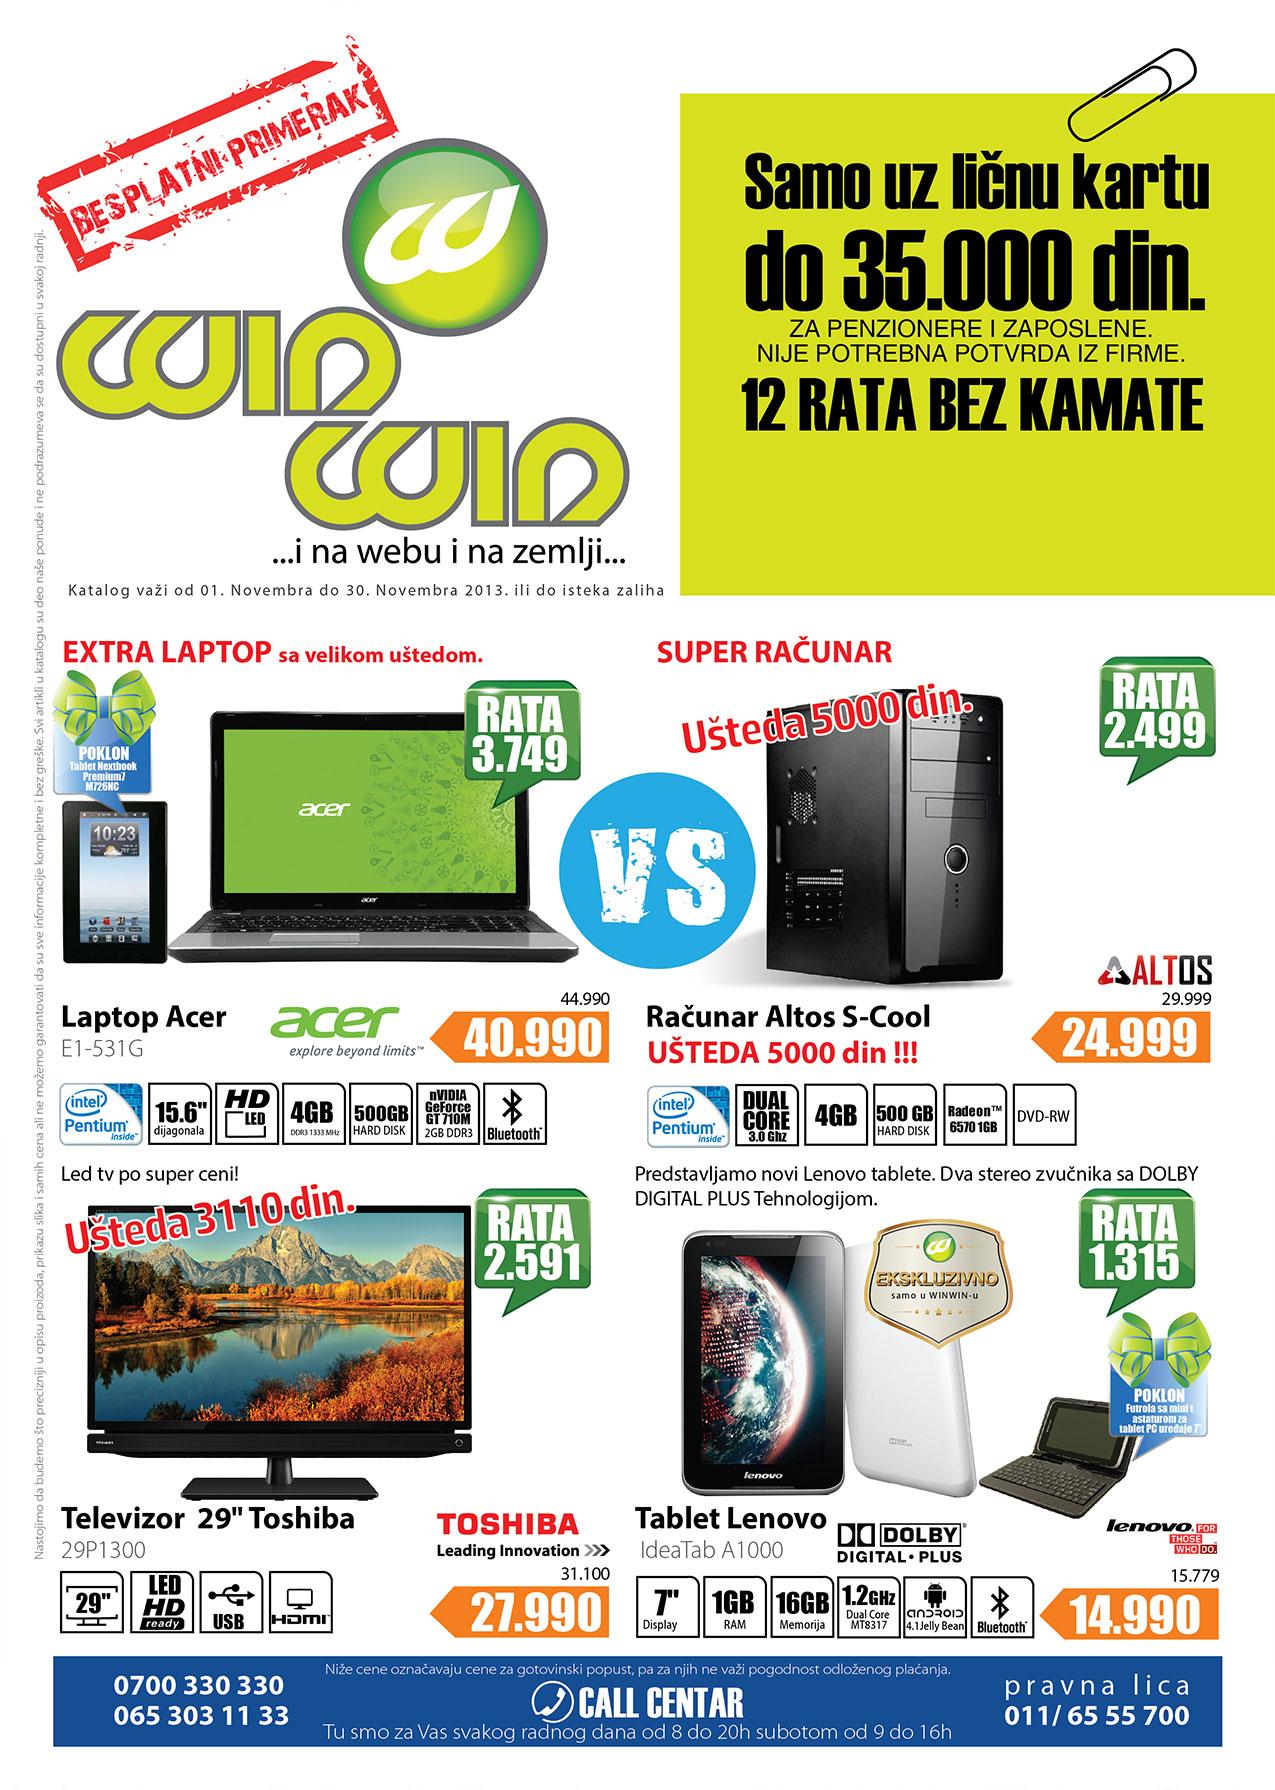 Win Win katalog odlične ponude